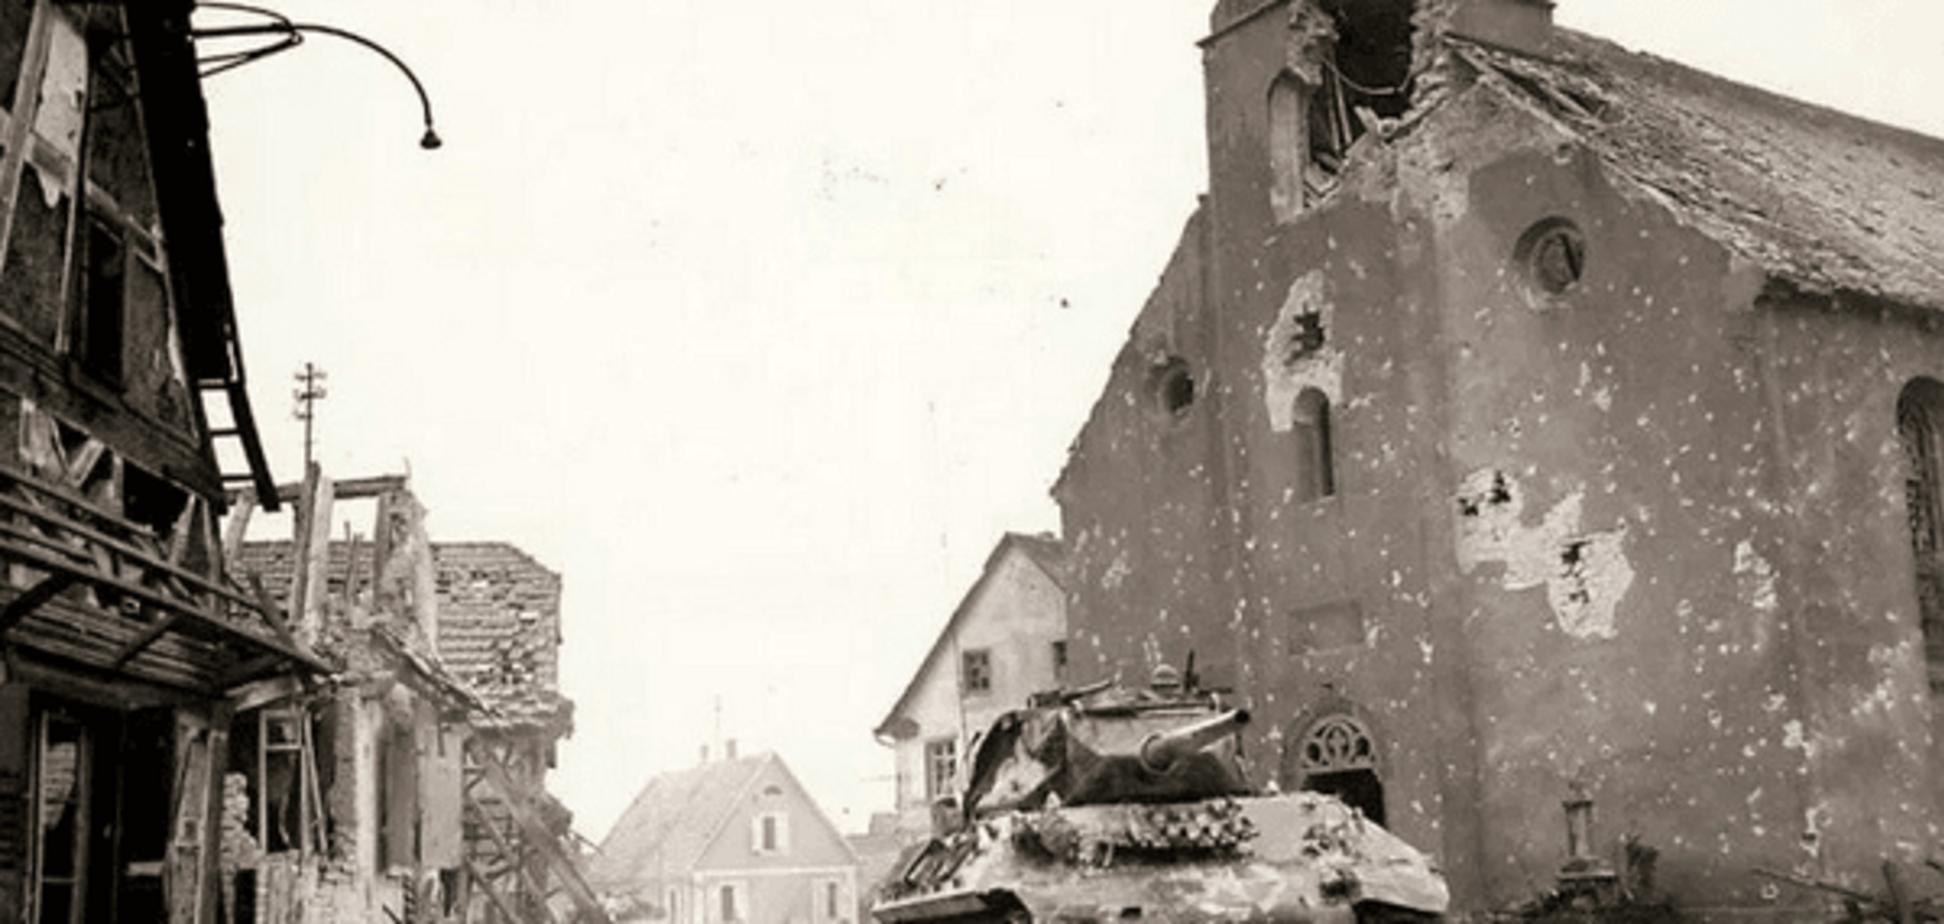 Эхо Второй мировой войны: опубликованы уникальные фото